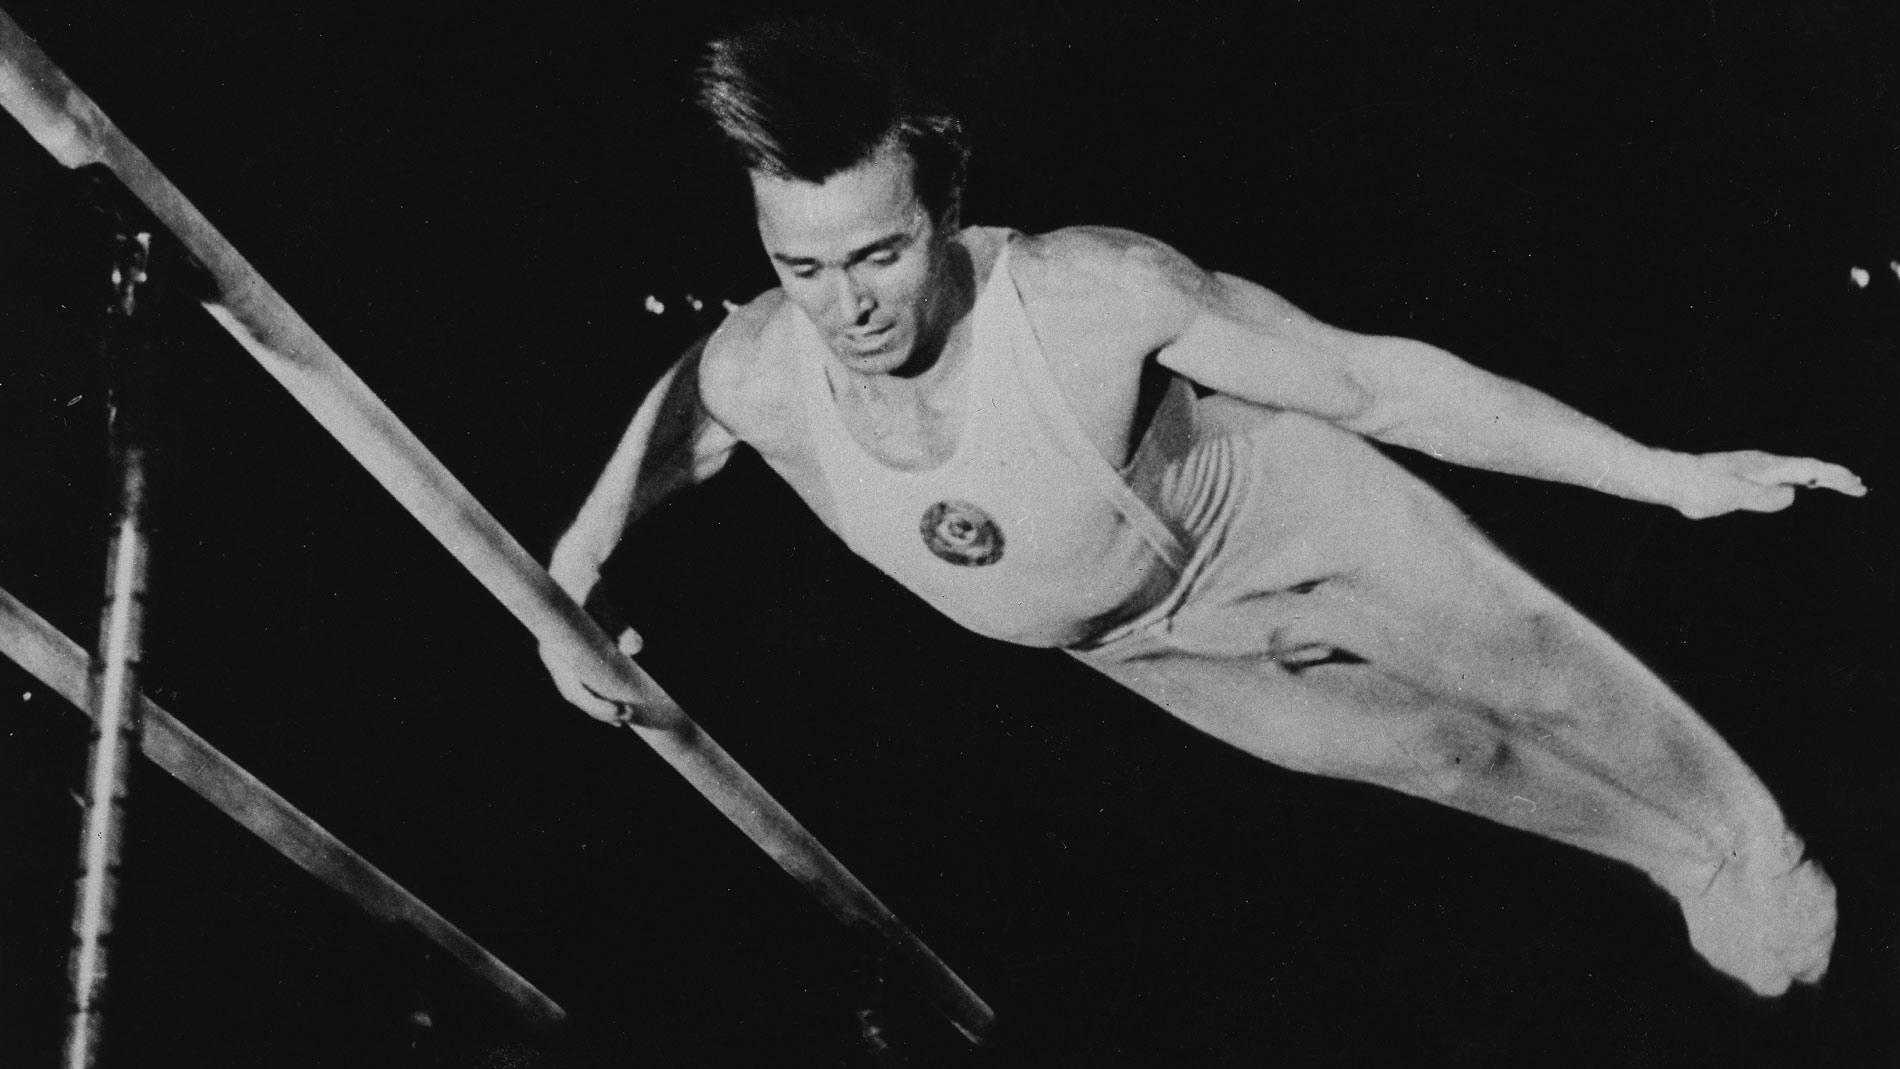 'У него невозможно выиграть': Как узник концлагерей Чукарин, весивший 40 кг, завоевал на Олимпиадах пять золотых медалей по гимнастике